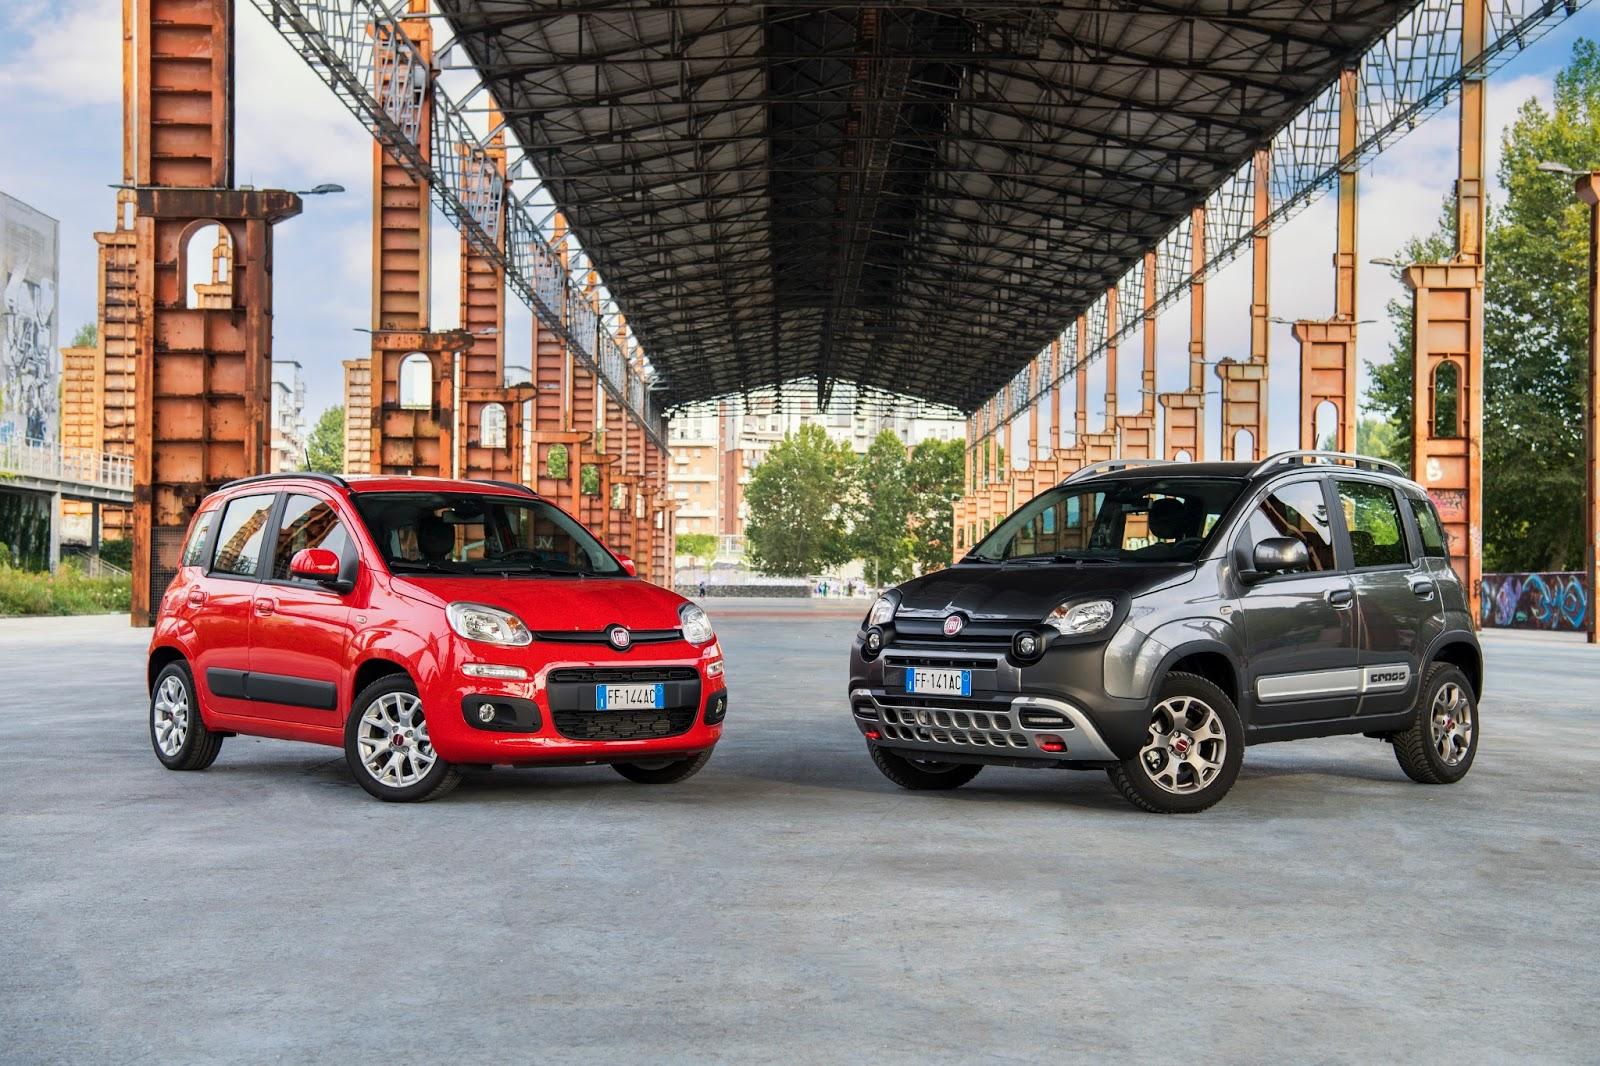 160915 Fiat Panda HP Η Fiat με όλα τα μέλη της οικογένειας της, στην έκθεση αυτοκινήτου 2016 στο Παρίσι autoshow, Fiat, fiat 124 spider, Fiat 500, Fiat 500 Riva, Fiat 500S, Fiat 500X